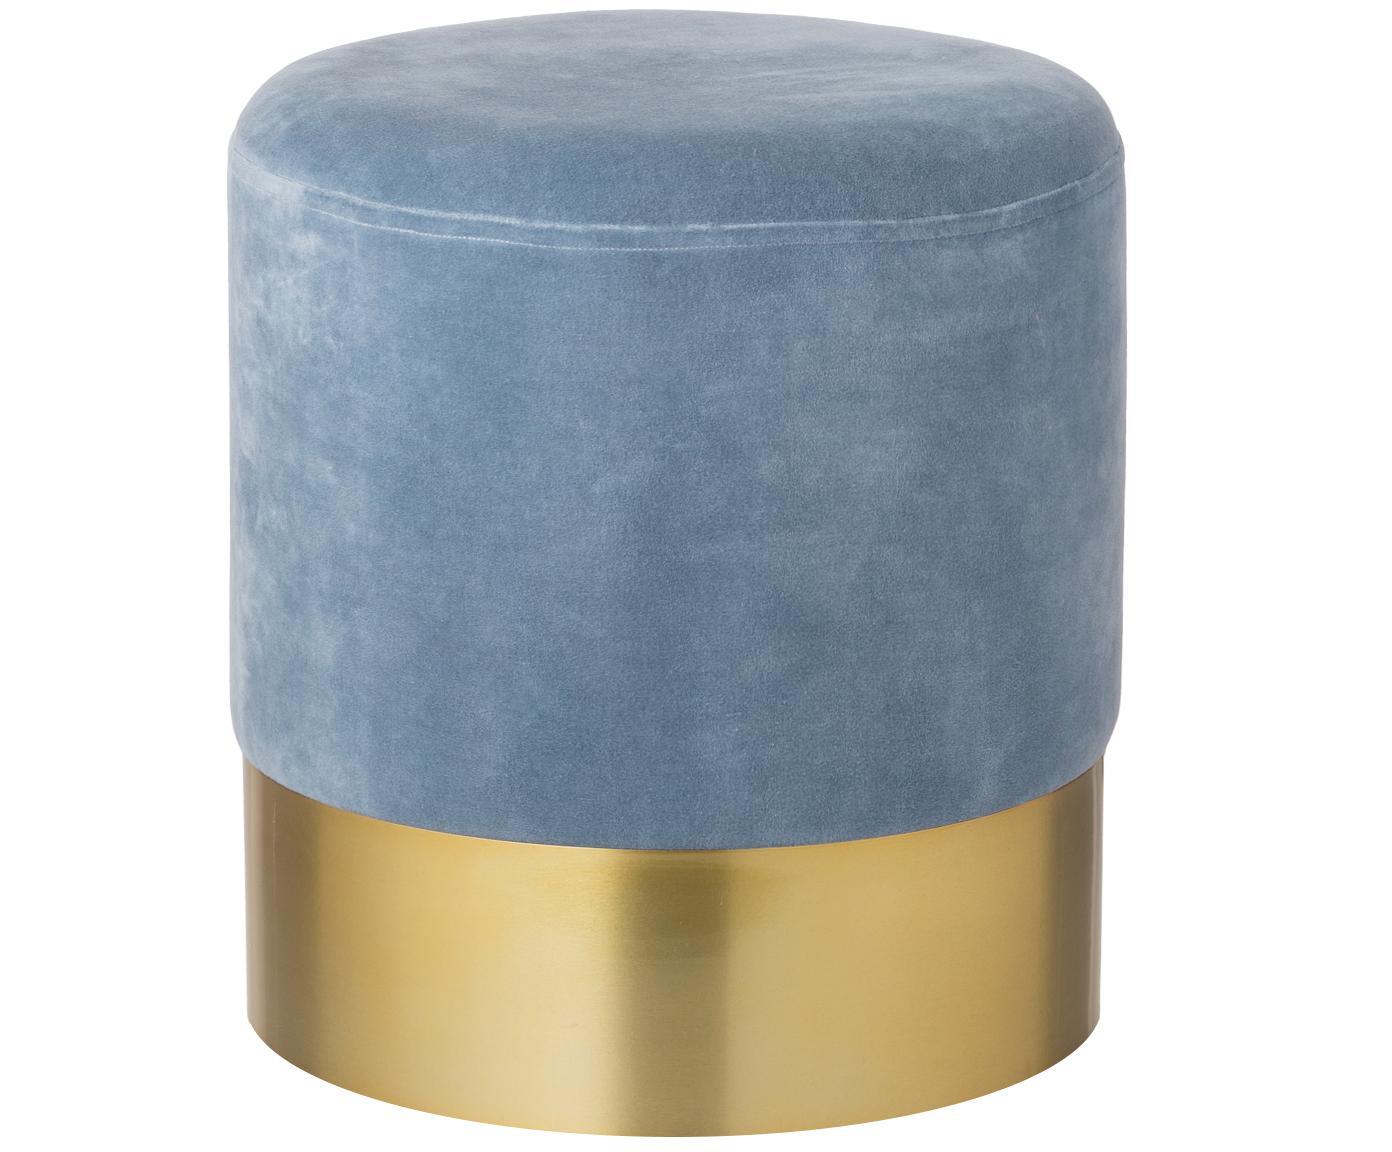 Samt-Hocker Harlow, Bezug: Baumwollsamt, Fuß: Eisen, pulverbeschichtet, Hellblau, Goldfarben, Ø 38 x H 42 cm